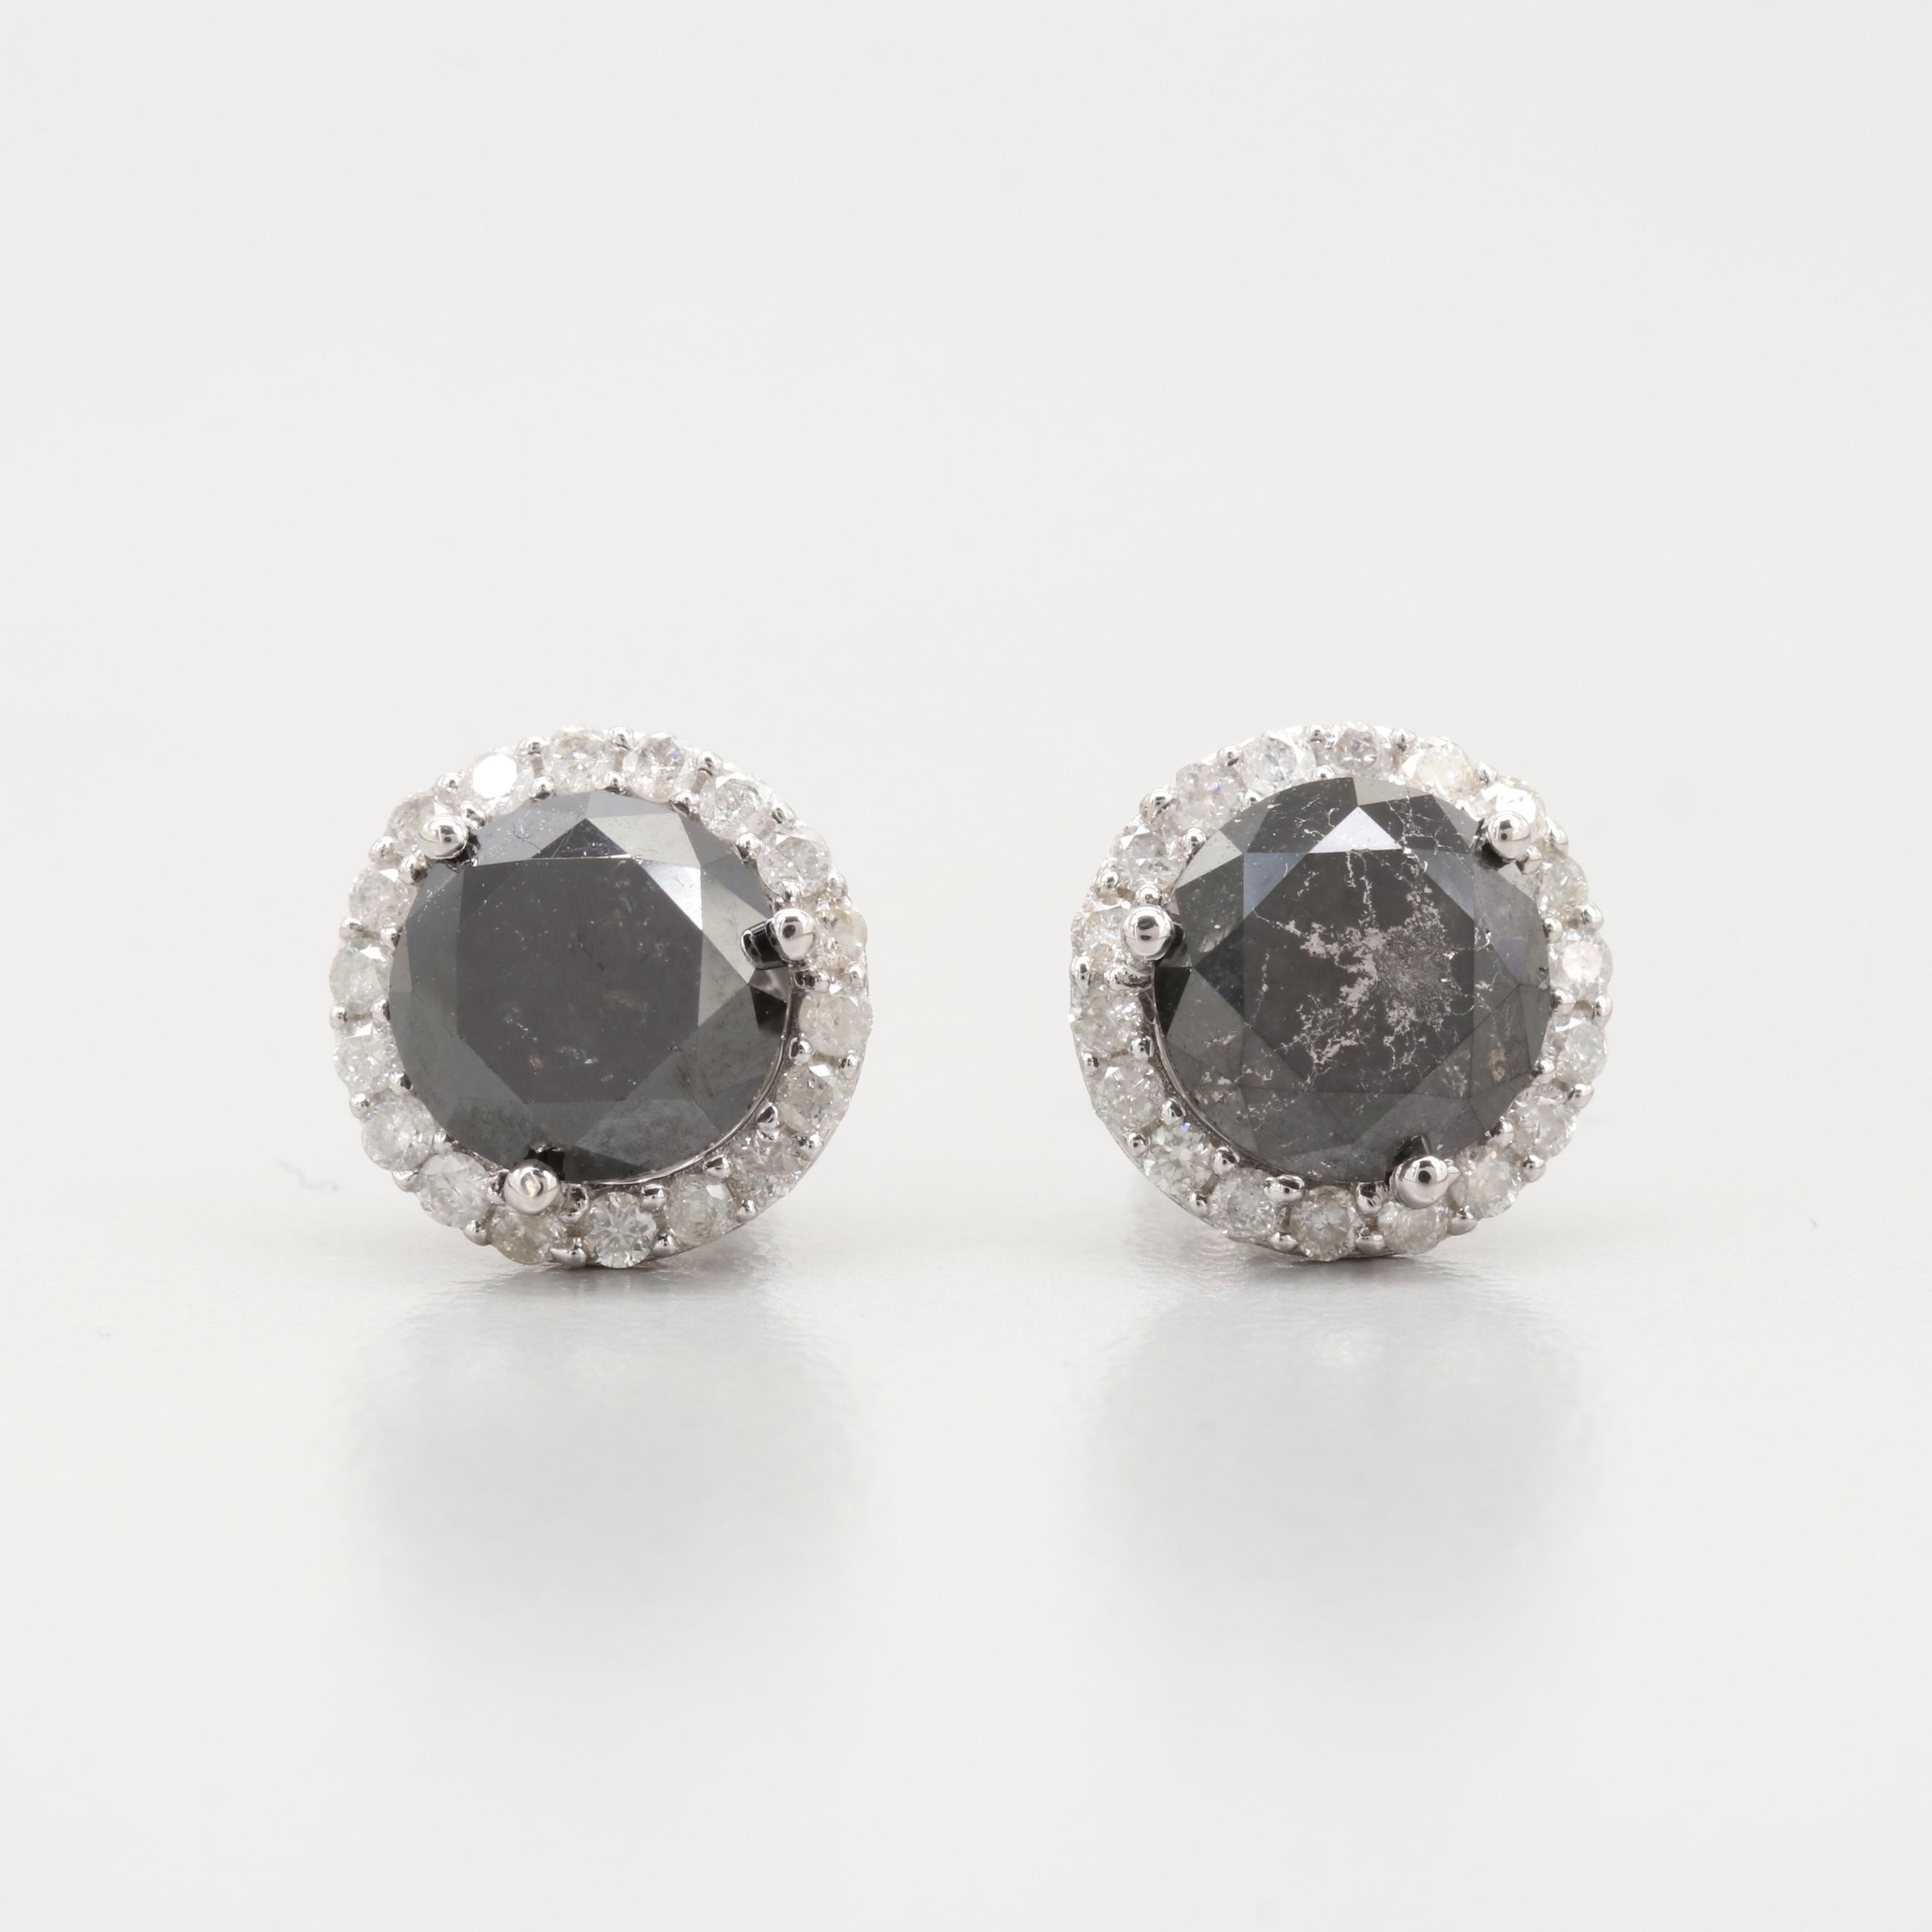 14K White Gold 3.65 CTW Diamond Stud Earrings